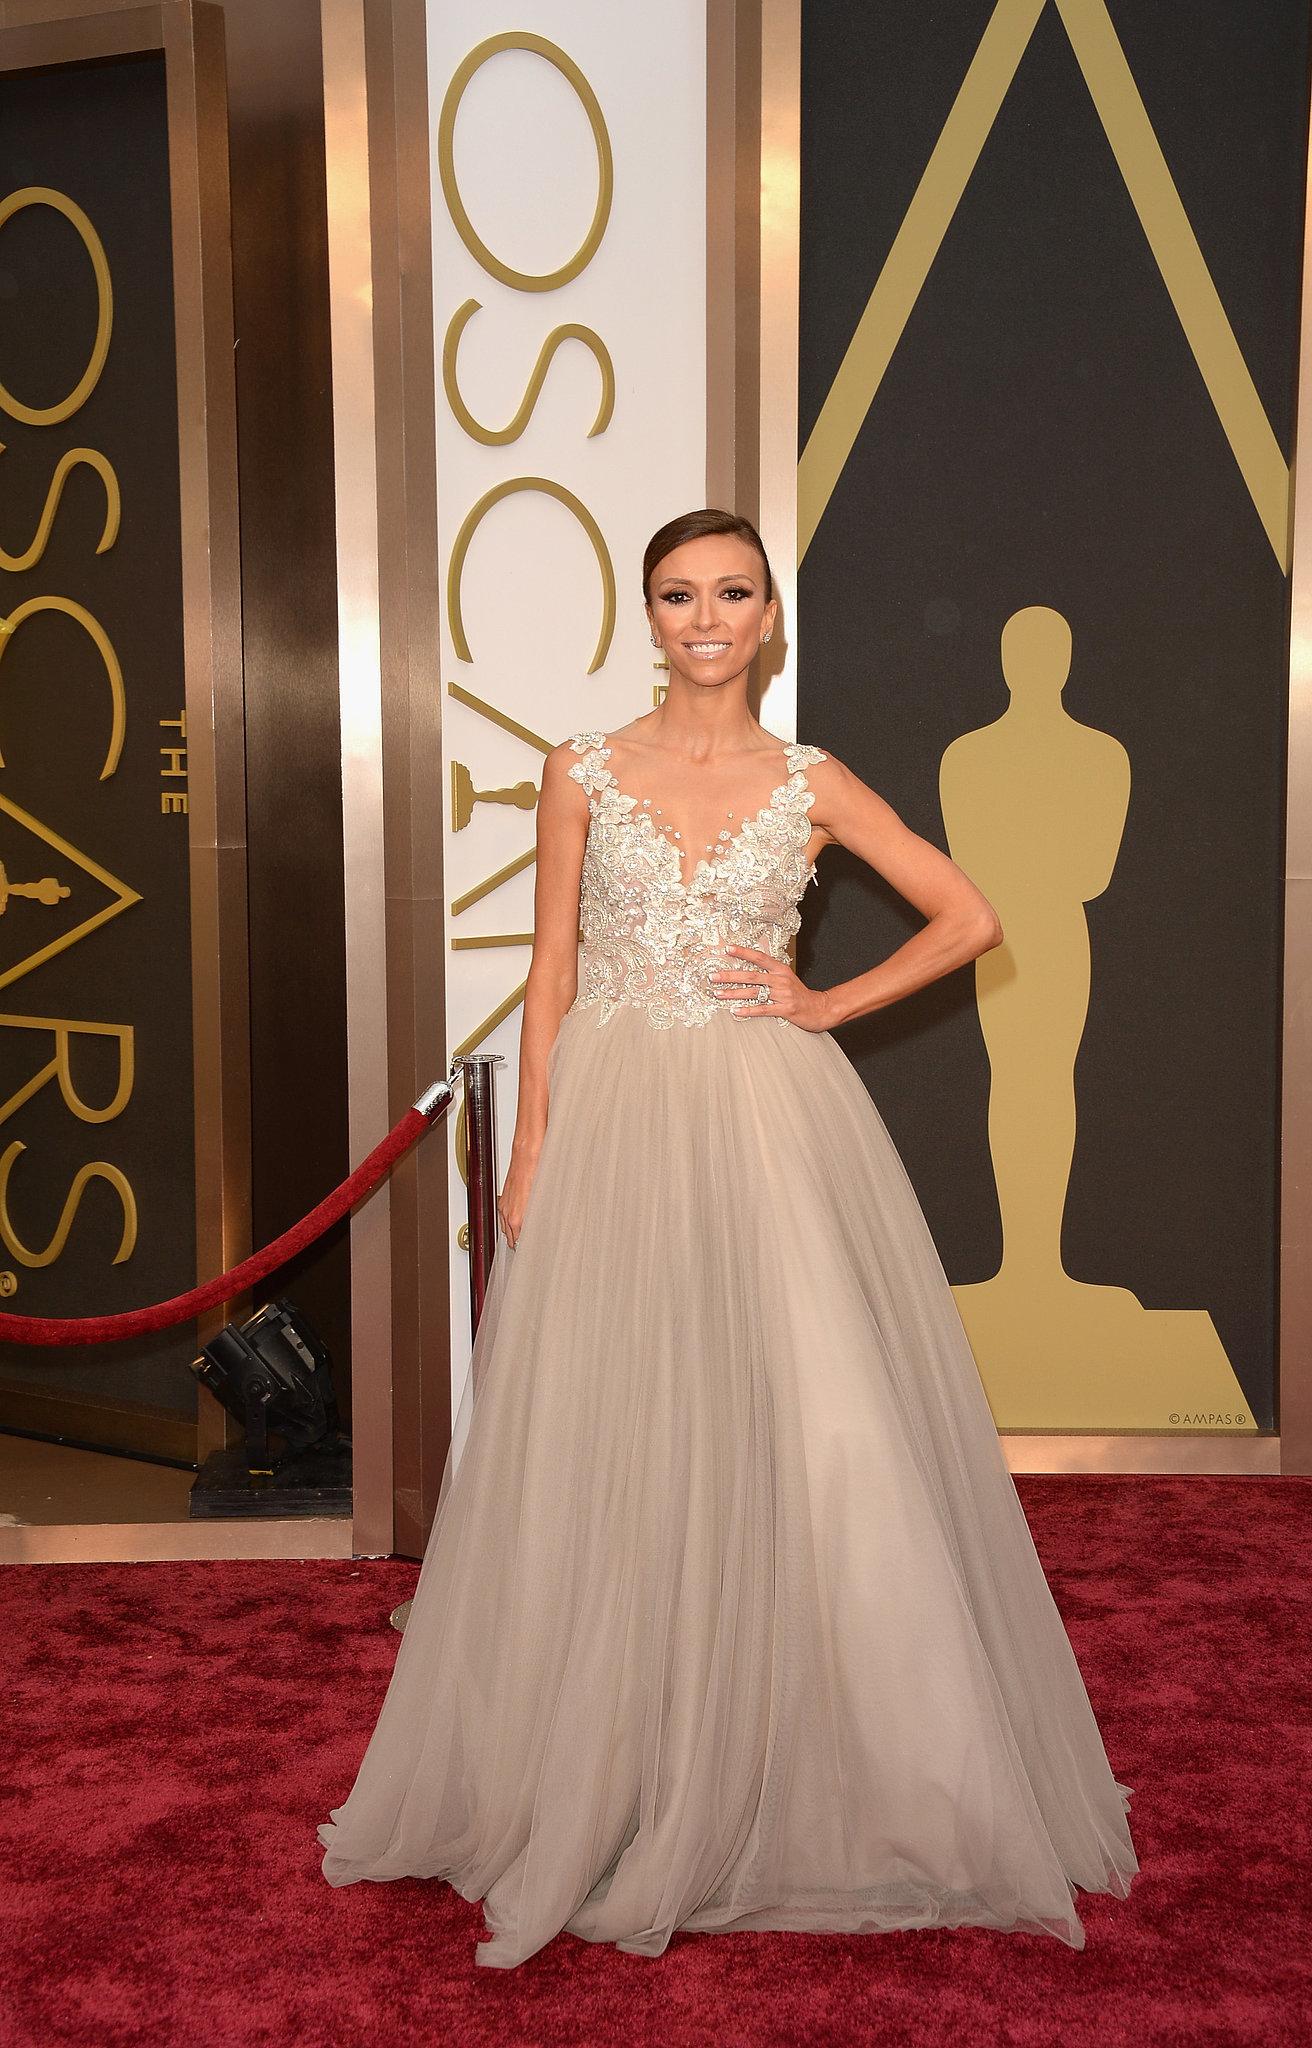 Giuliana Rancic at the 2014 Oscars